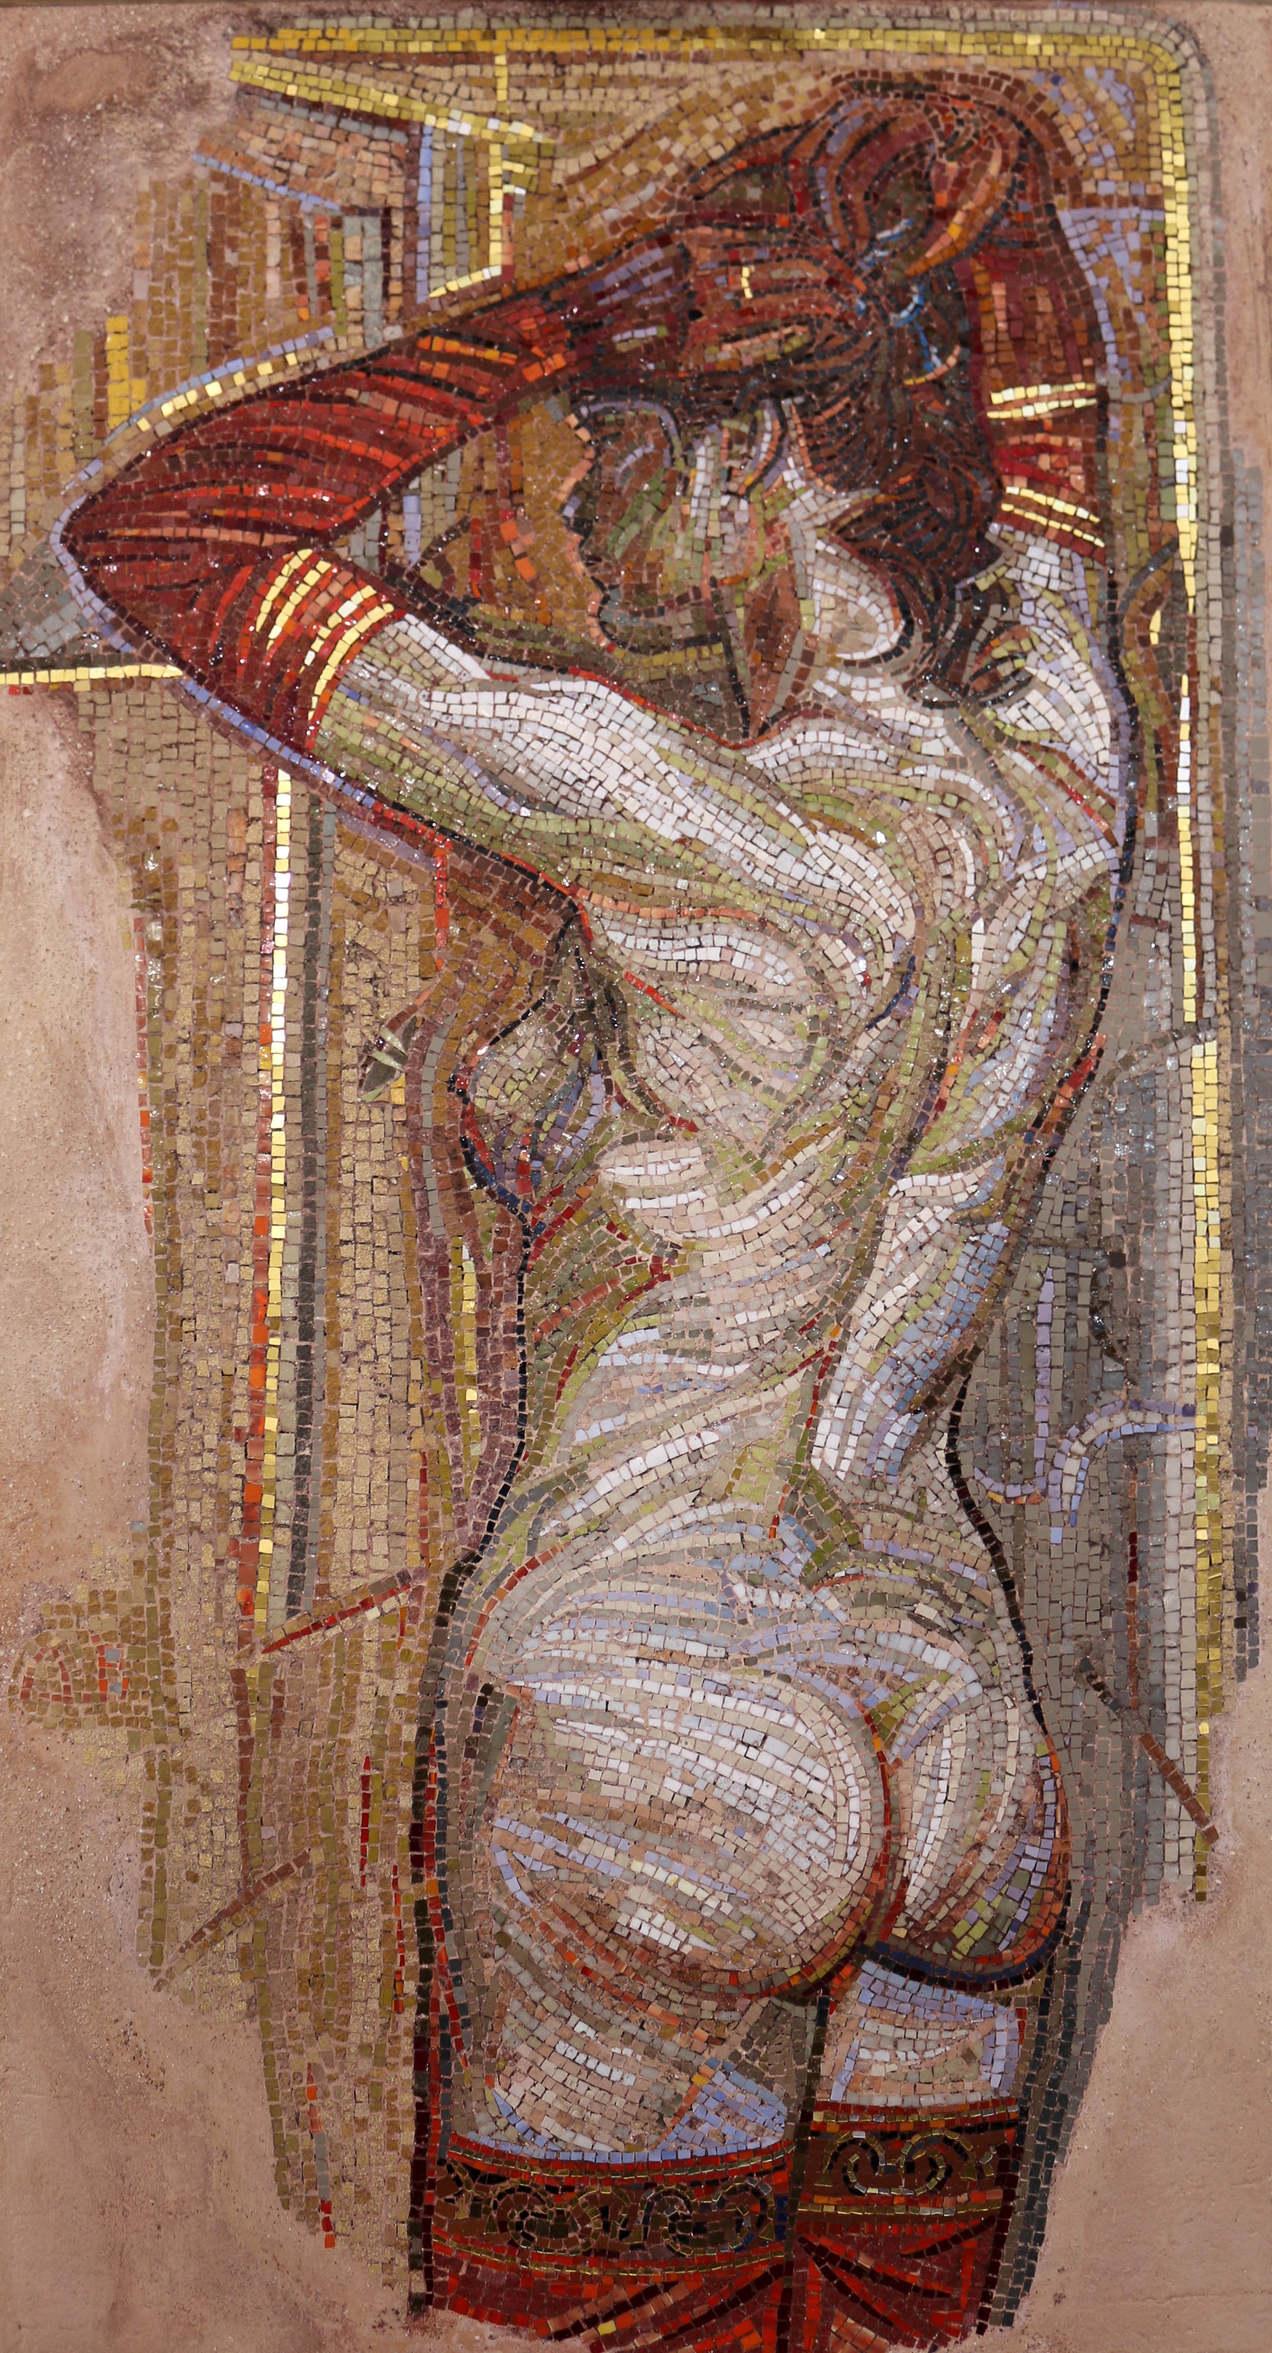 mosaics14.jpg